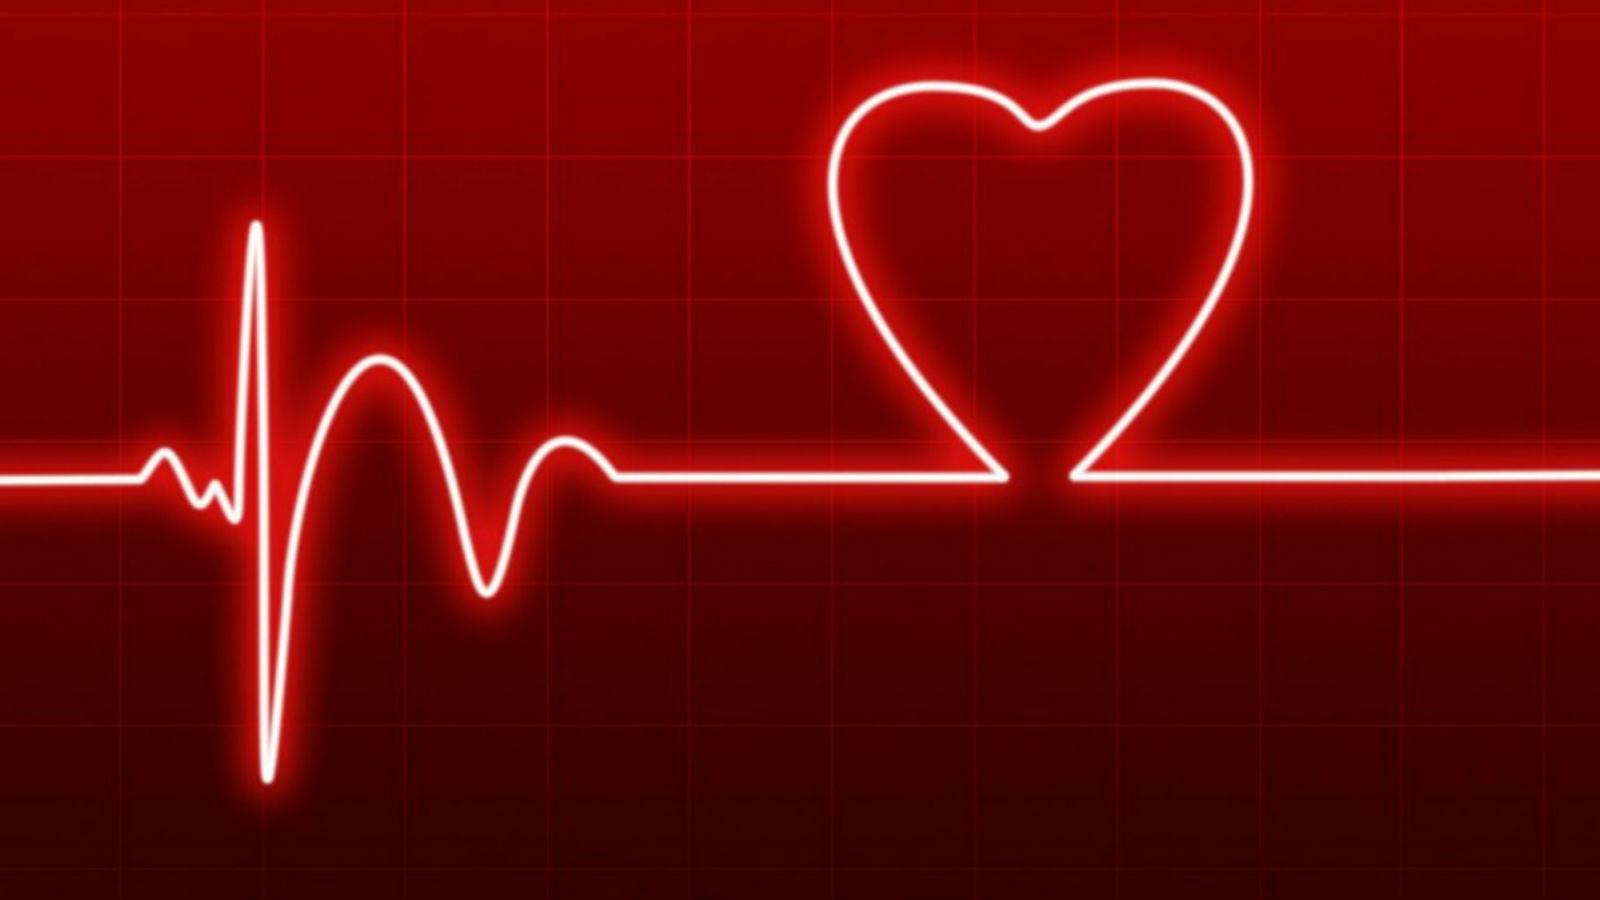 Corazón de mujer: 3 señales de alerta que te sorprenderán